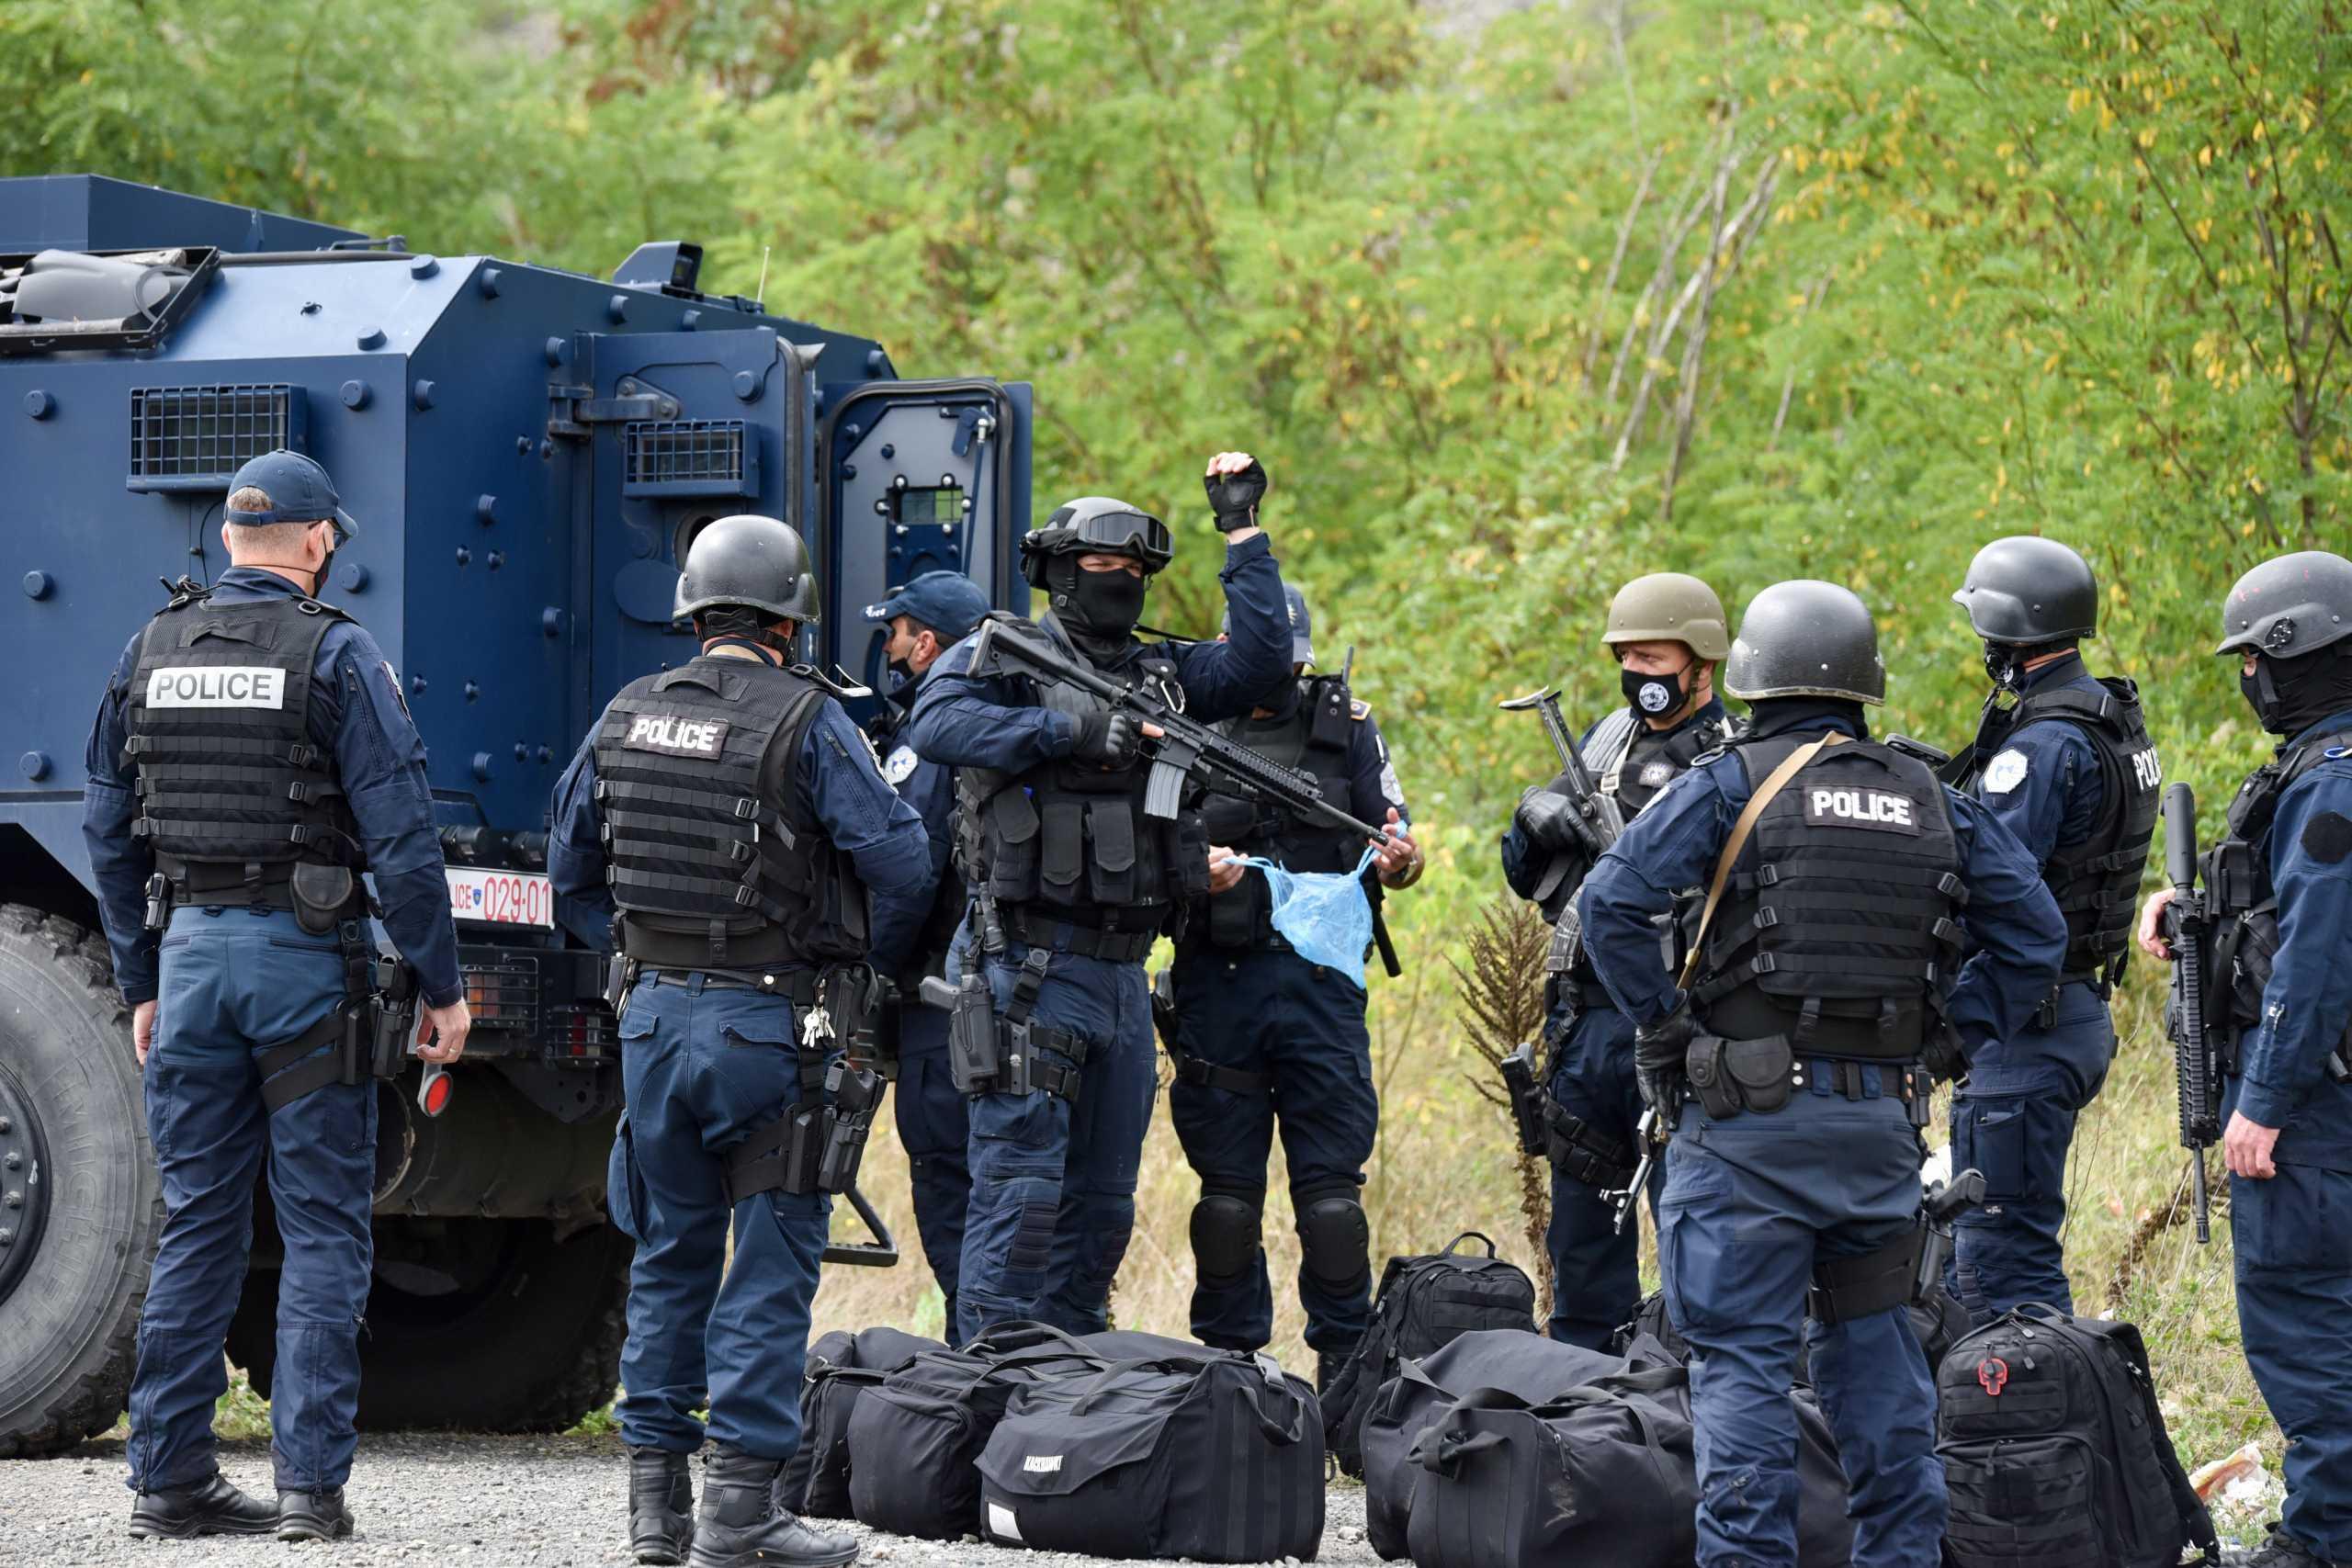 Σέρβοι Βοσνίας: Γιατί θέλουν δικό τους στρατό – «Έγκλημα  εσχάτης προδοσίας»